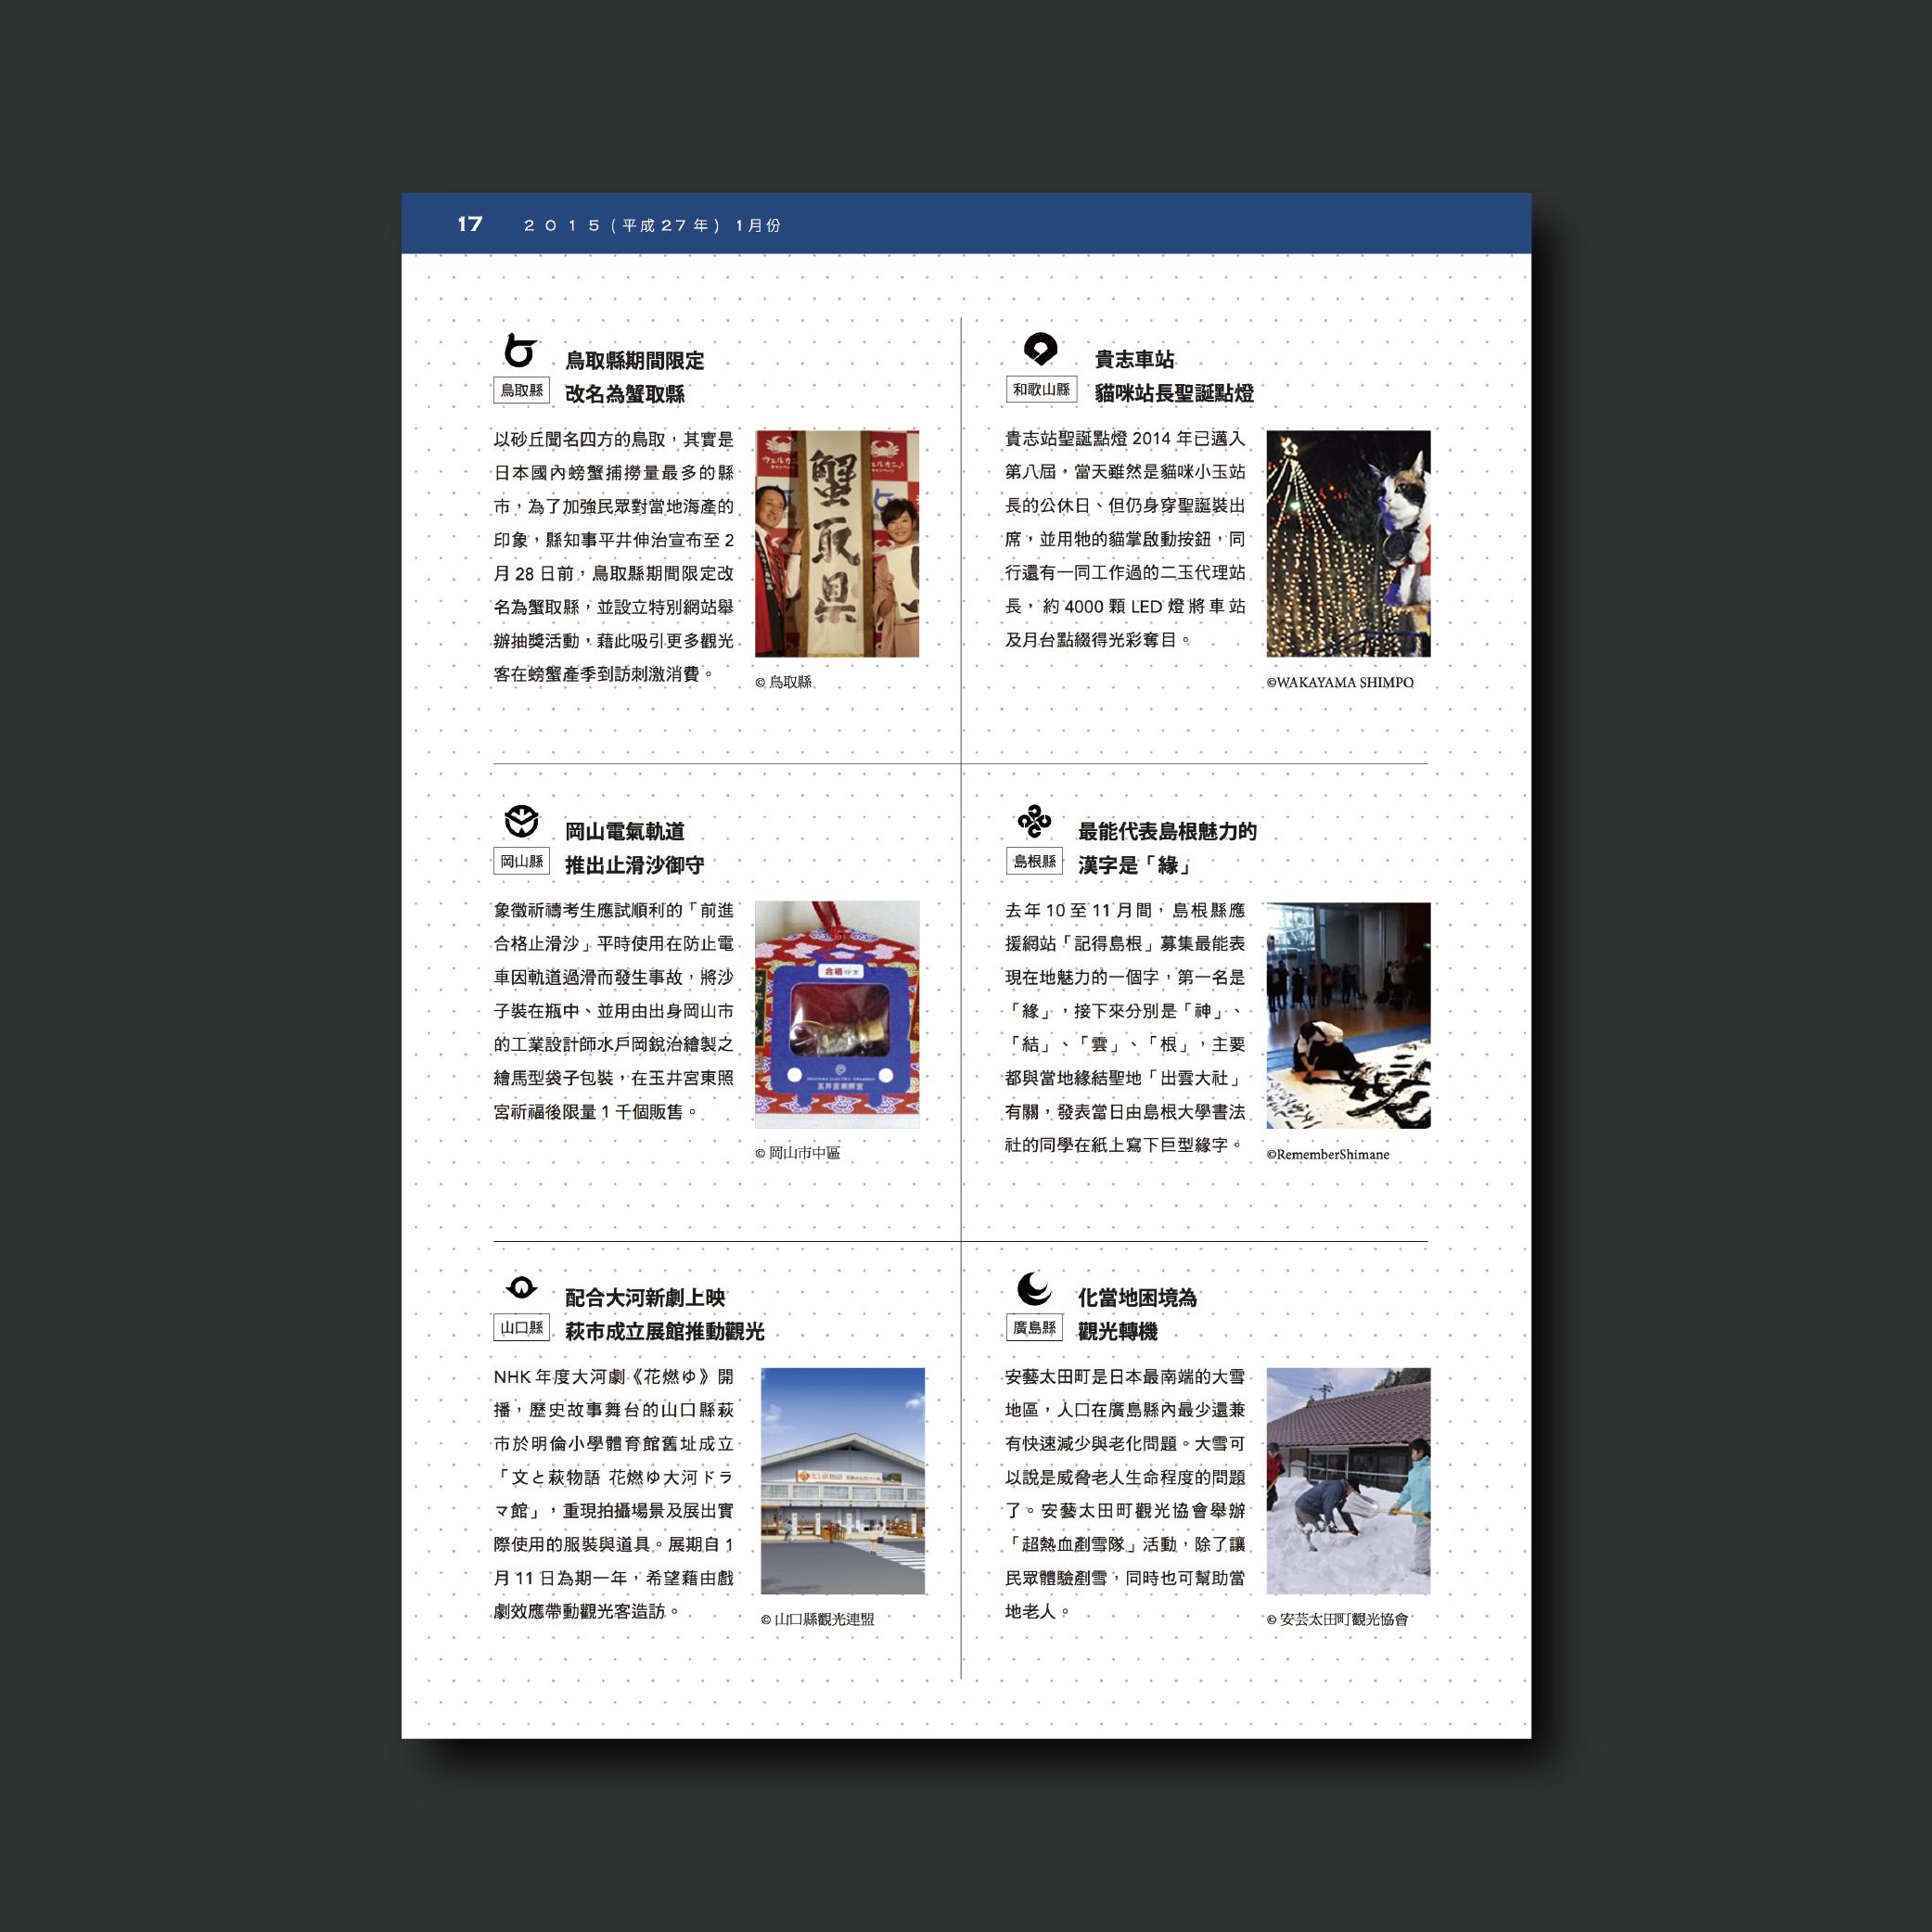 秋刀魚 第2期特輯 歡迎光臨 京都旅宿 今日正式上架 topics